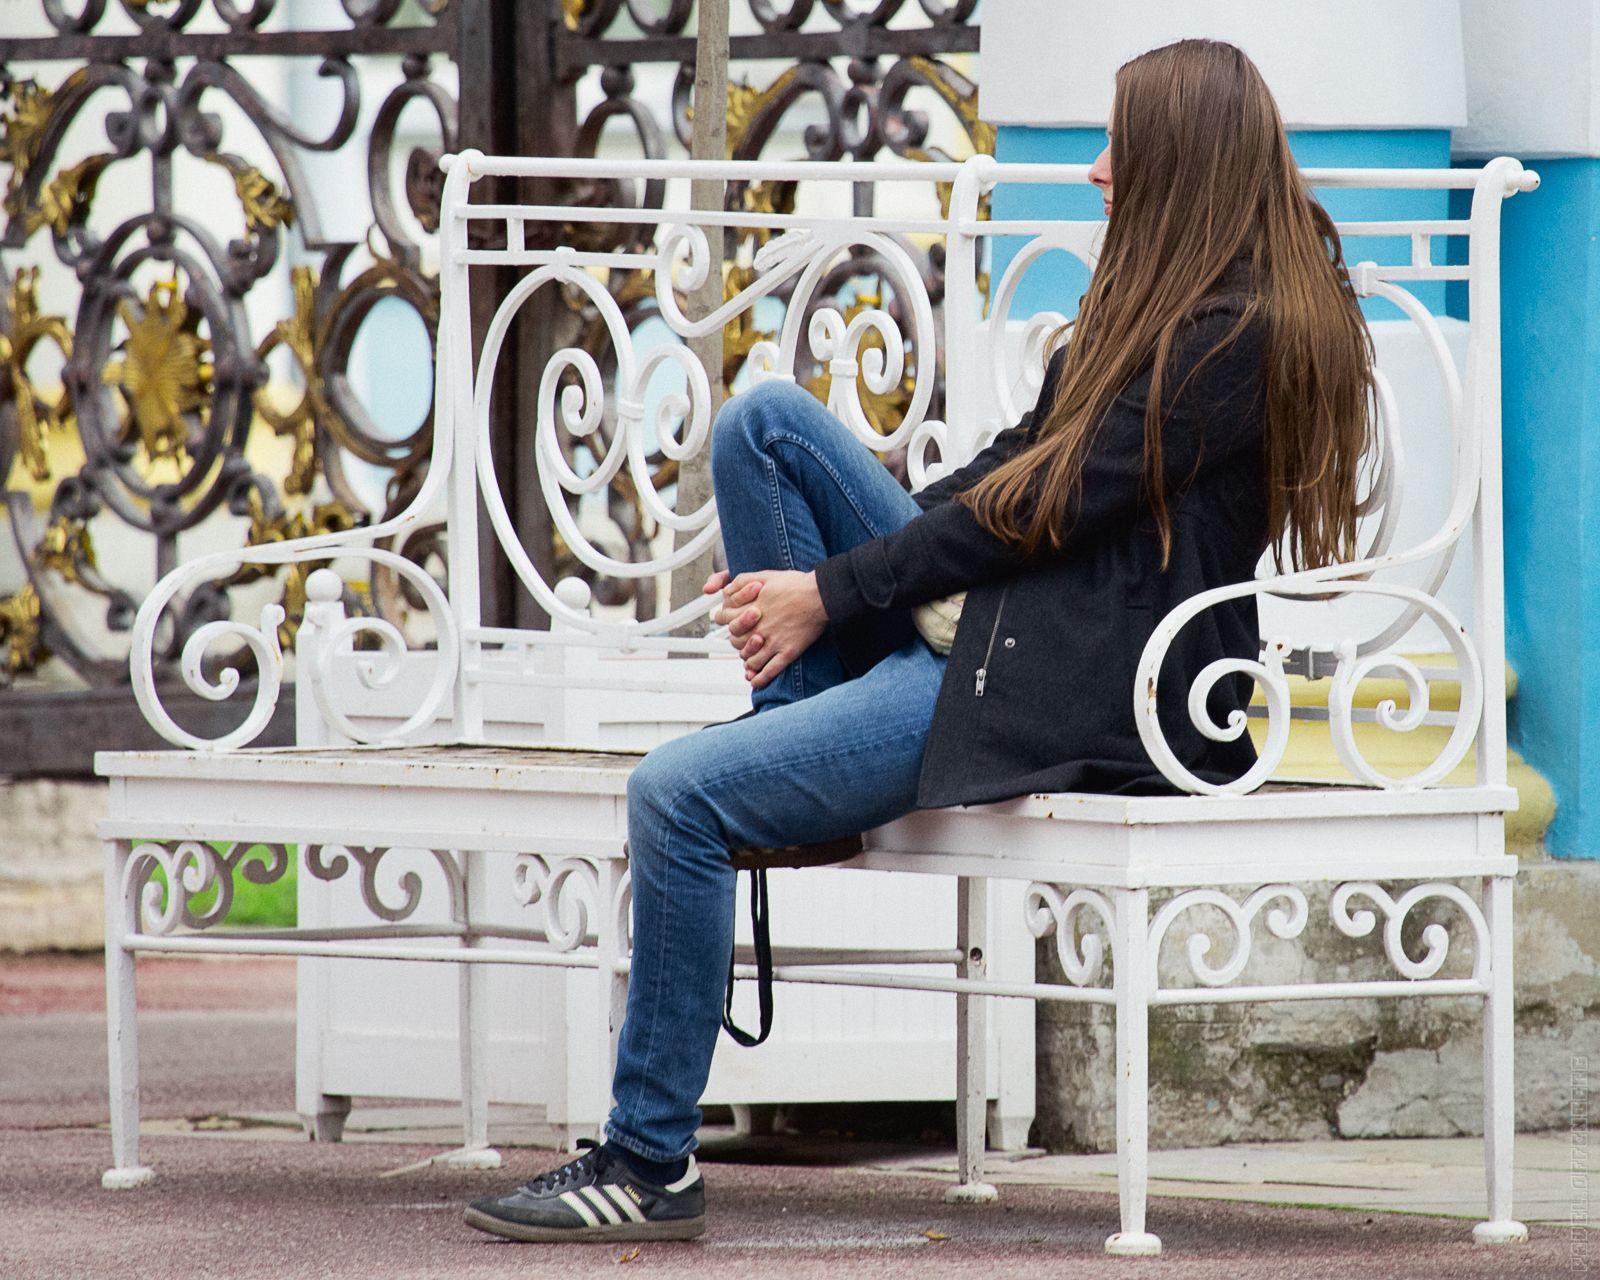 Интересно, о чем думает эта немка, сидя у Золотых ворот Екатерининского дворца...